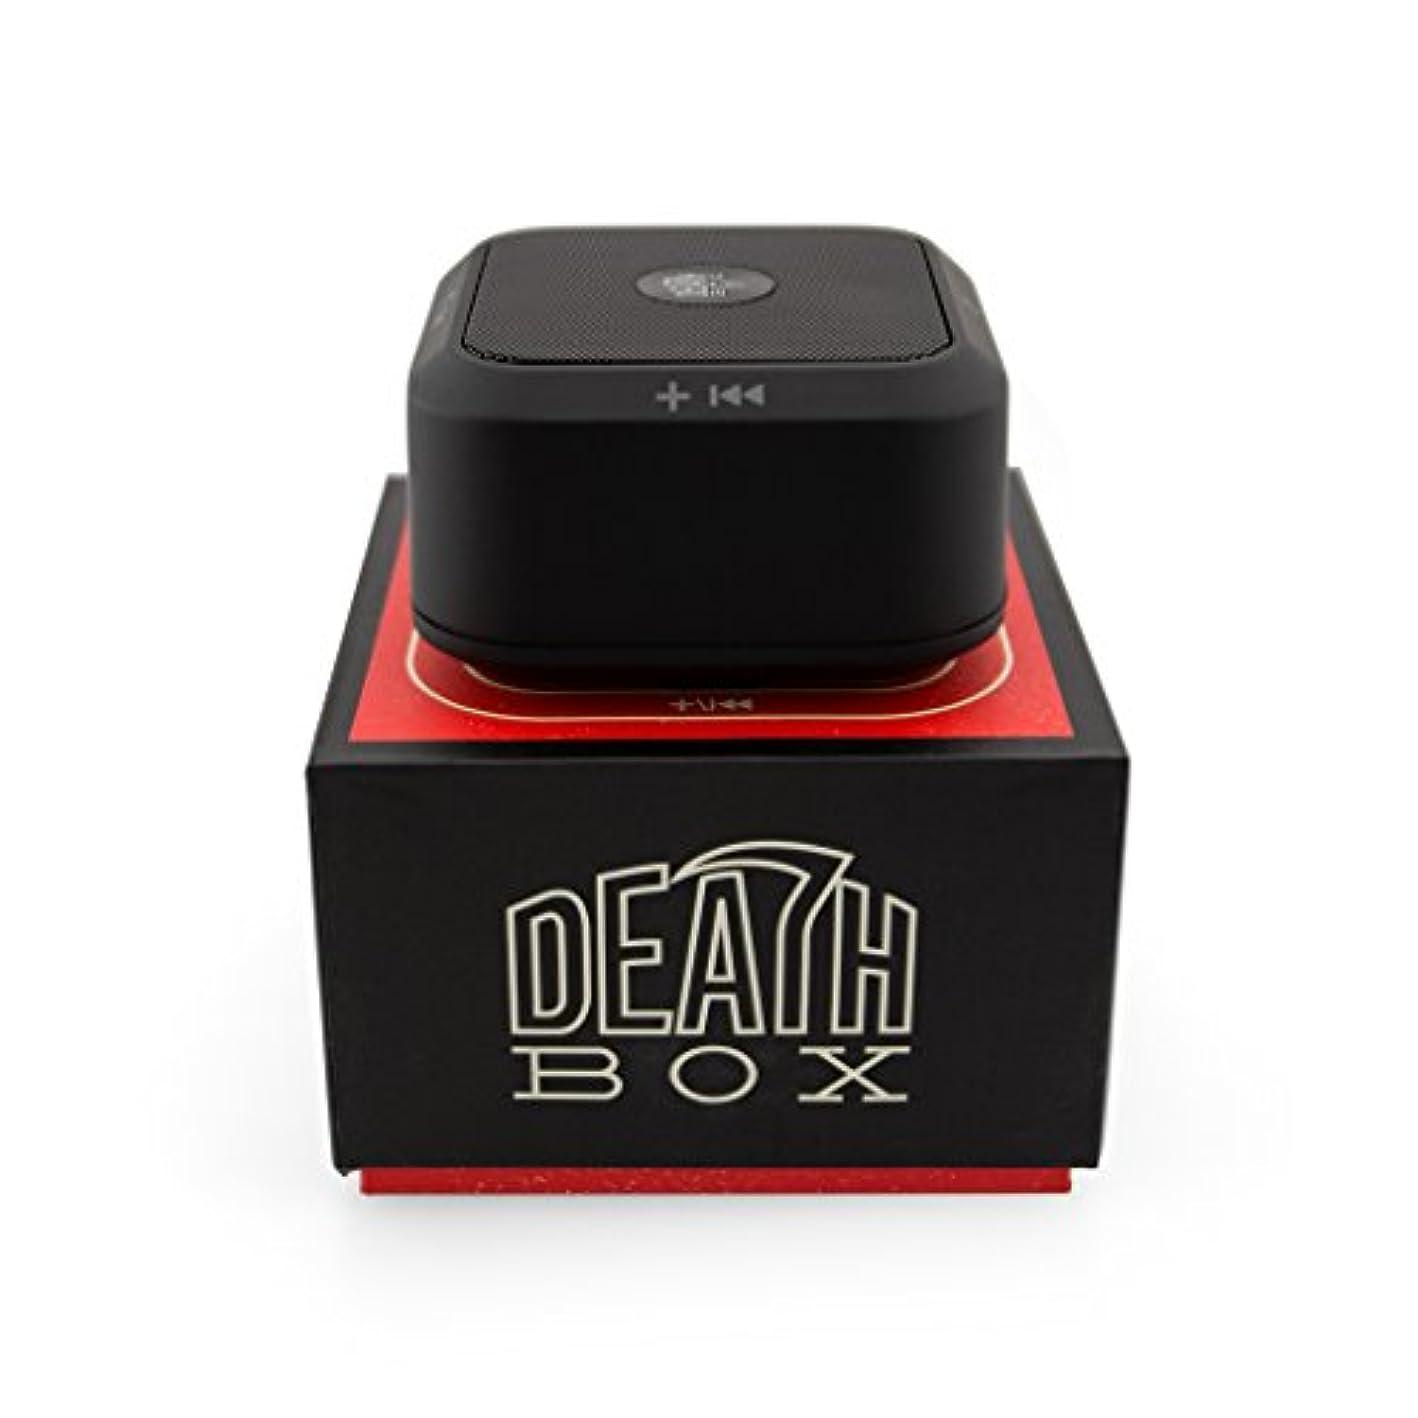 鬼ごっこ嫌がらせ粒DEATH LENS(デスレンズ) DEATH DIGITAL DEATH BOX Bluetooth SPEAKER 通話機能あり (国内正規品) DL125